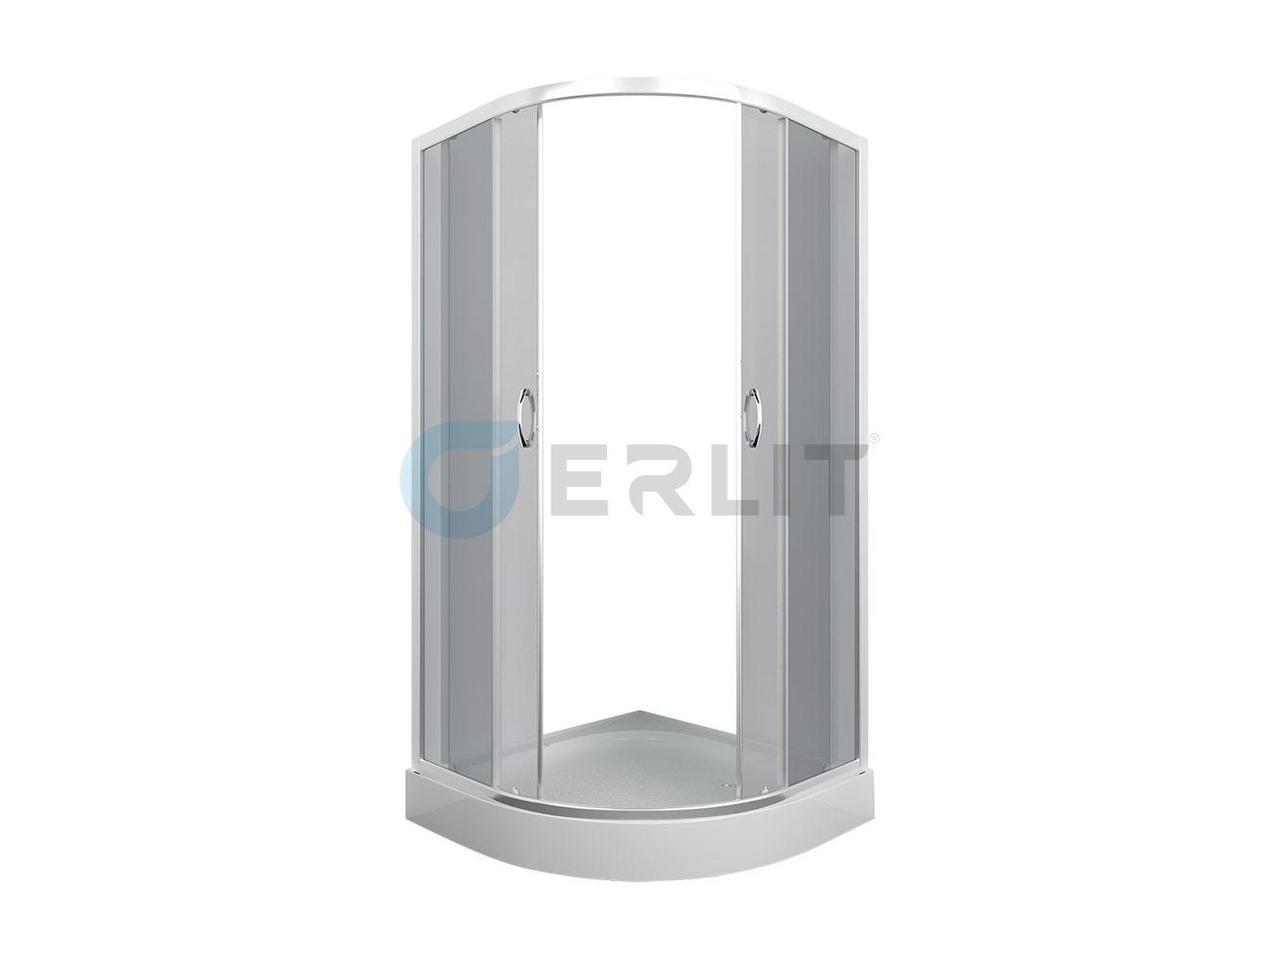 Душевой уголок Erlit ER0508C4, 80х80 см., низкий поддон, тонированное стекло